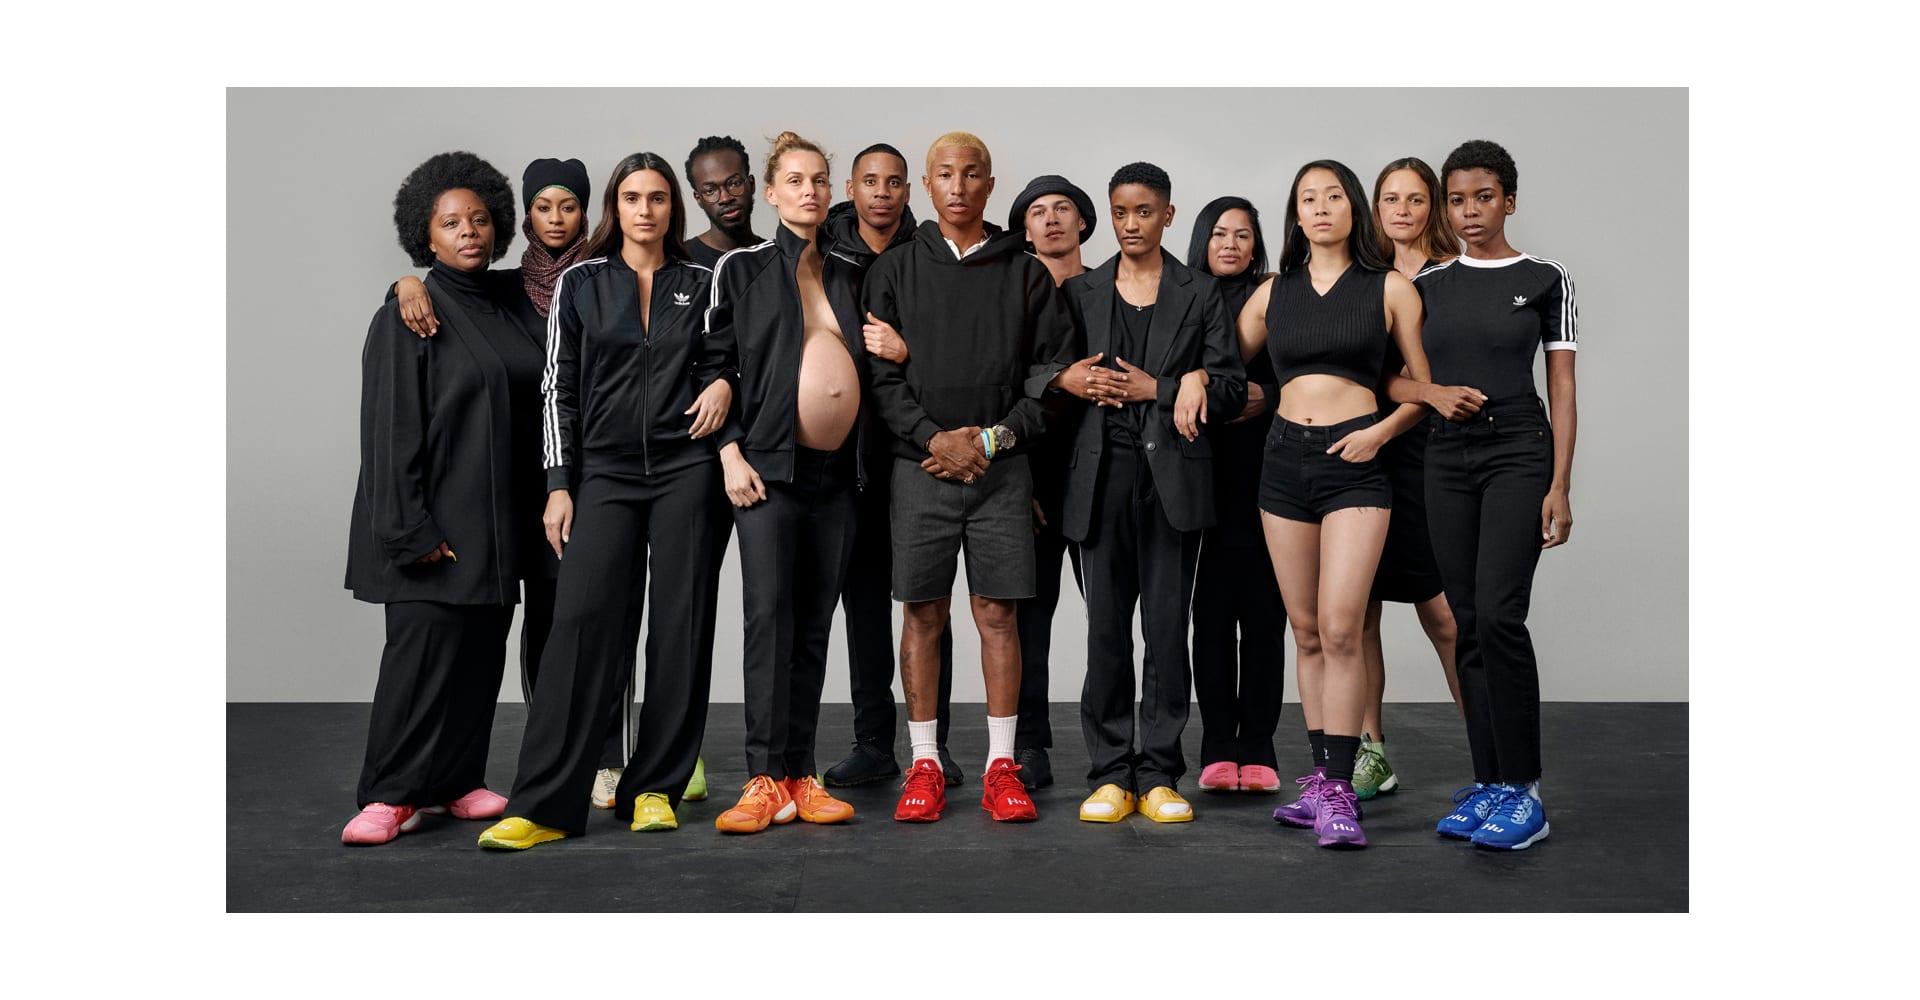 acheter populaire bbfc7 ecf2e Collection adidas Originals = Pharrell Williams Hu Holi ...